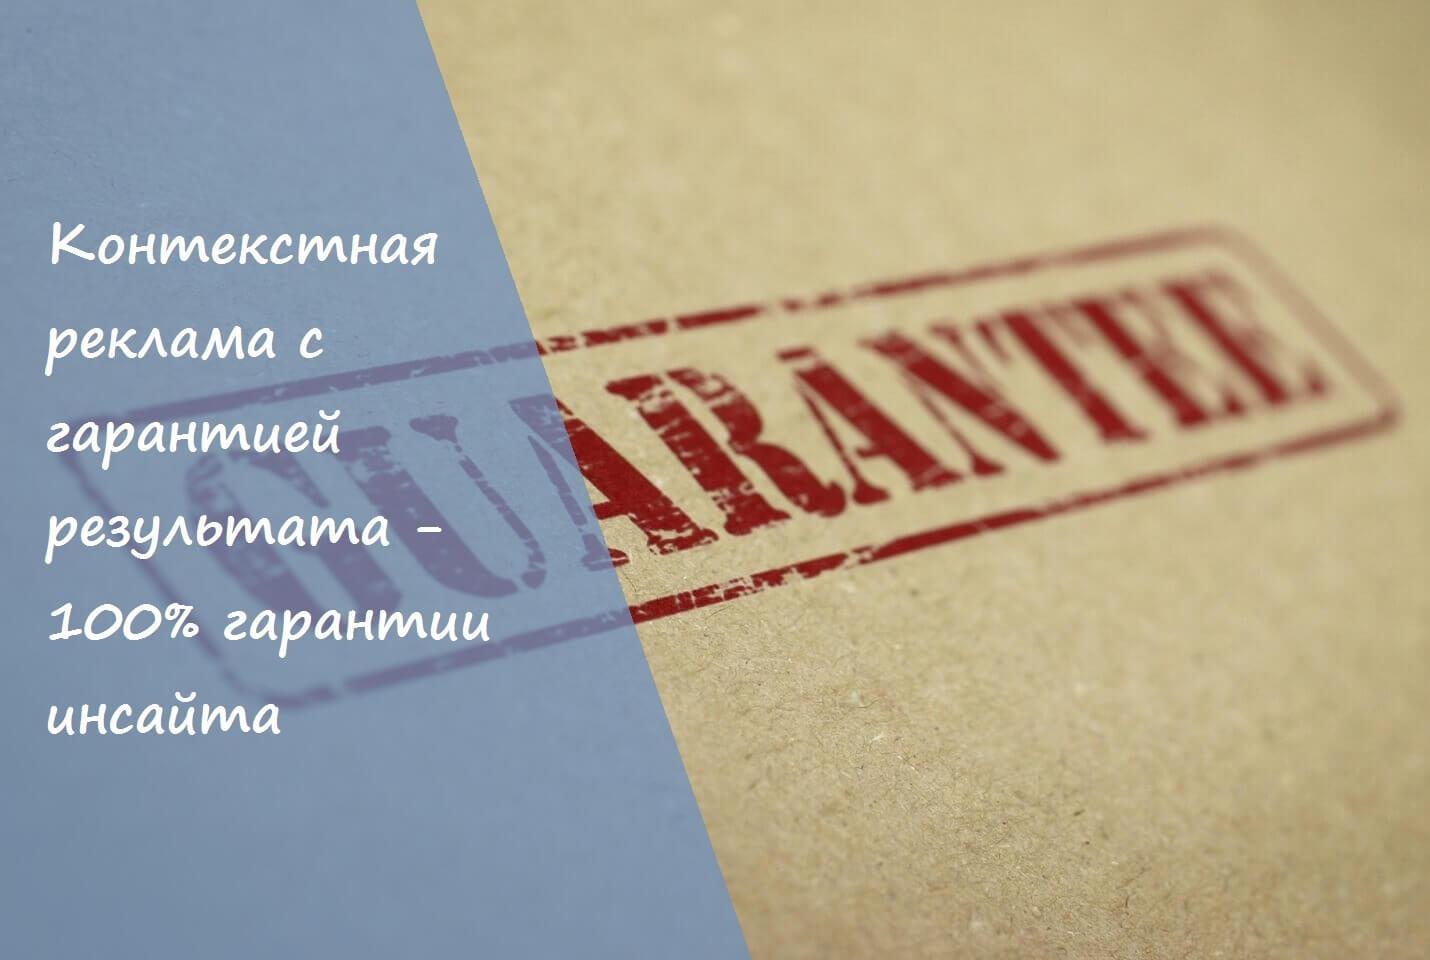 Контекстная реклама с гарантией результата - 100% гарантии инсайта